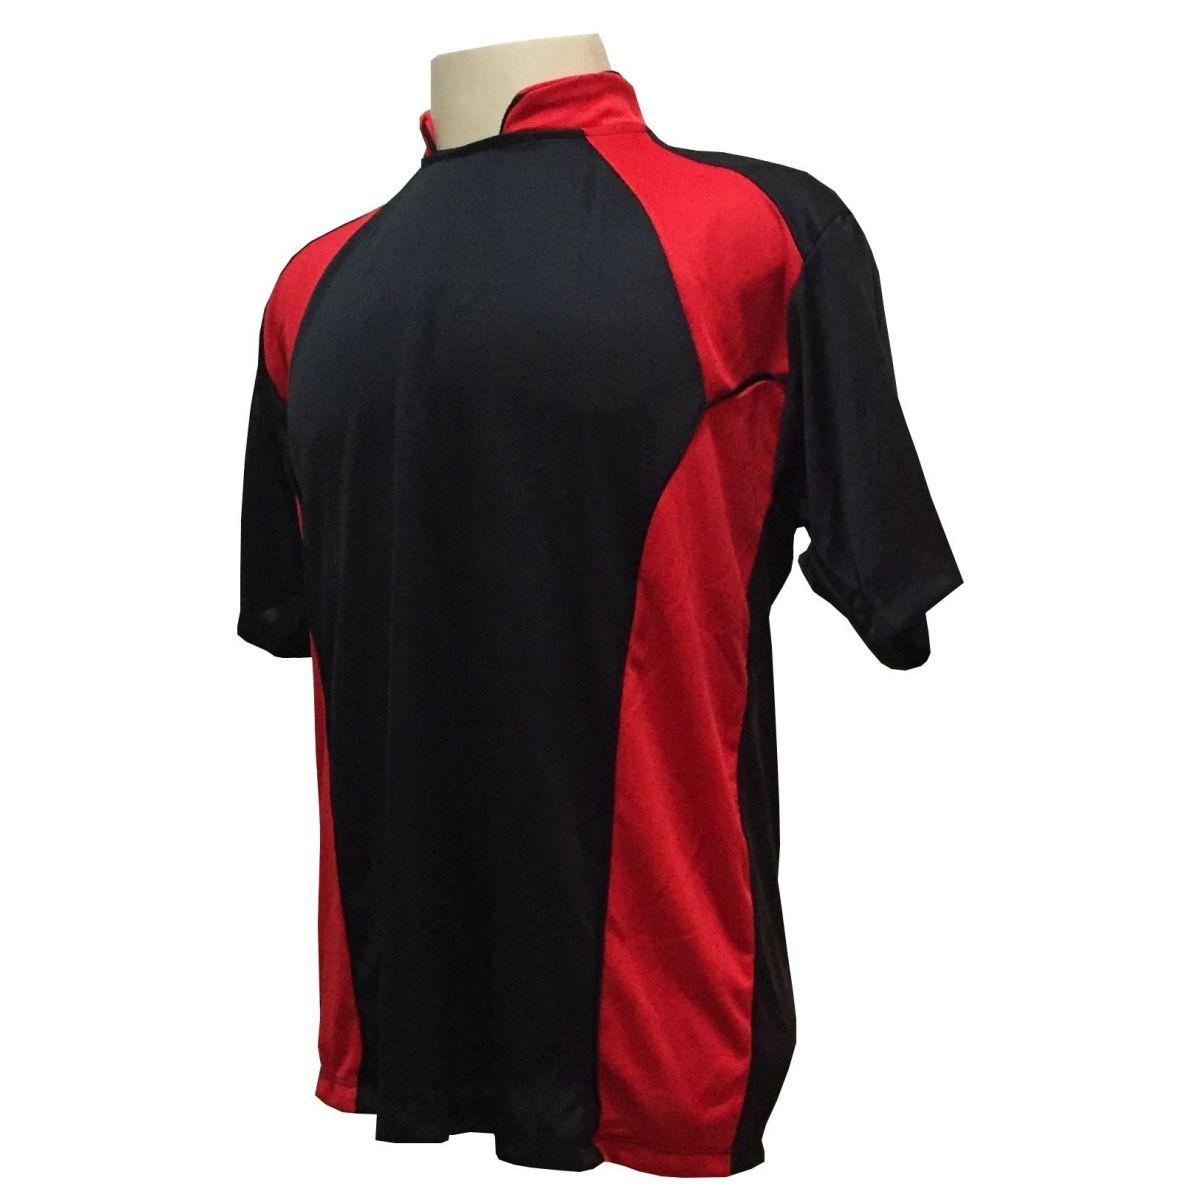 Jogo de Camisa com 14 unidades modelo Suécia Preto/Vermelho